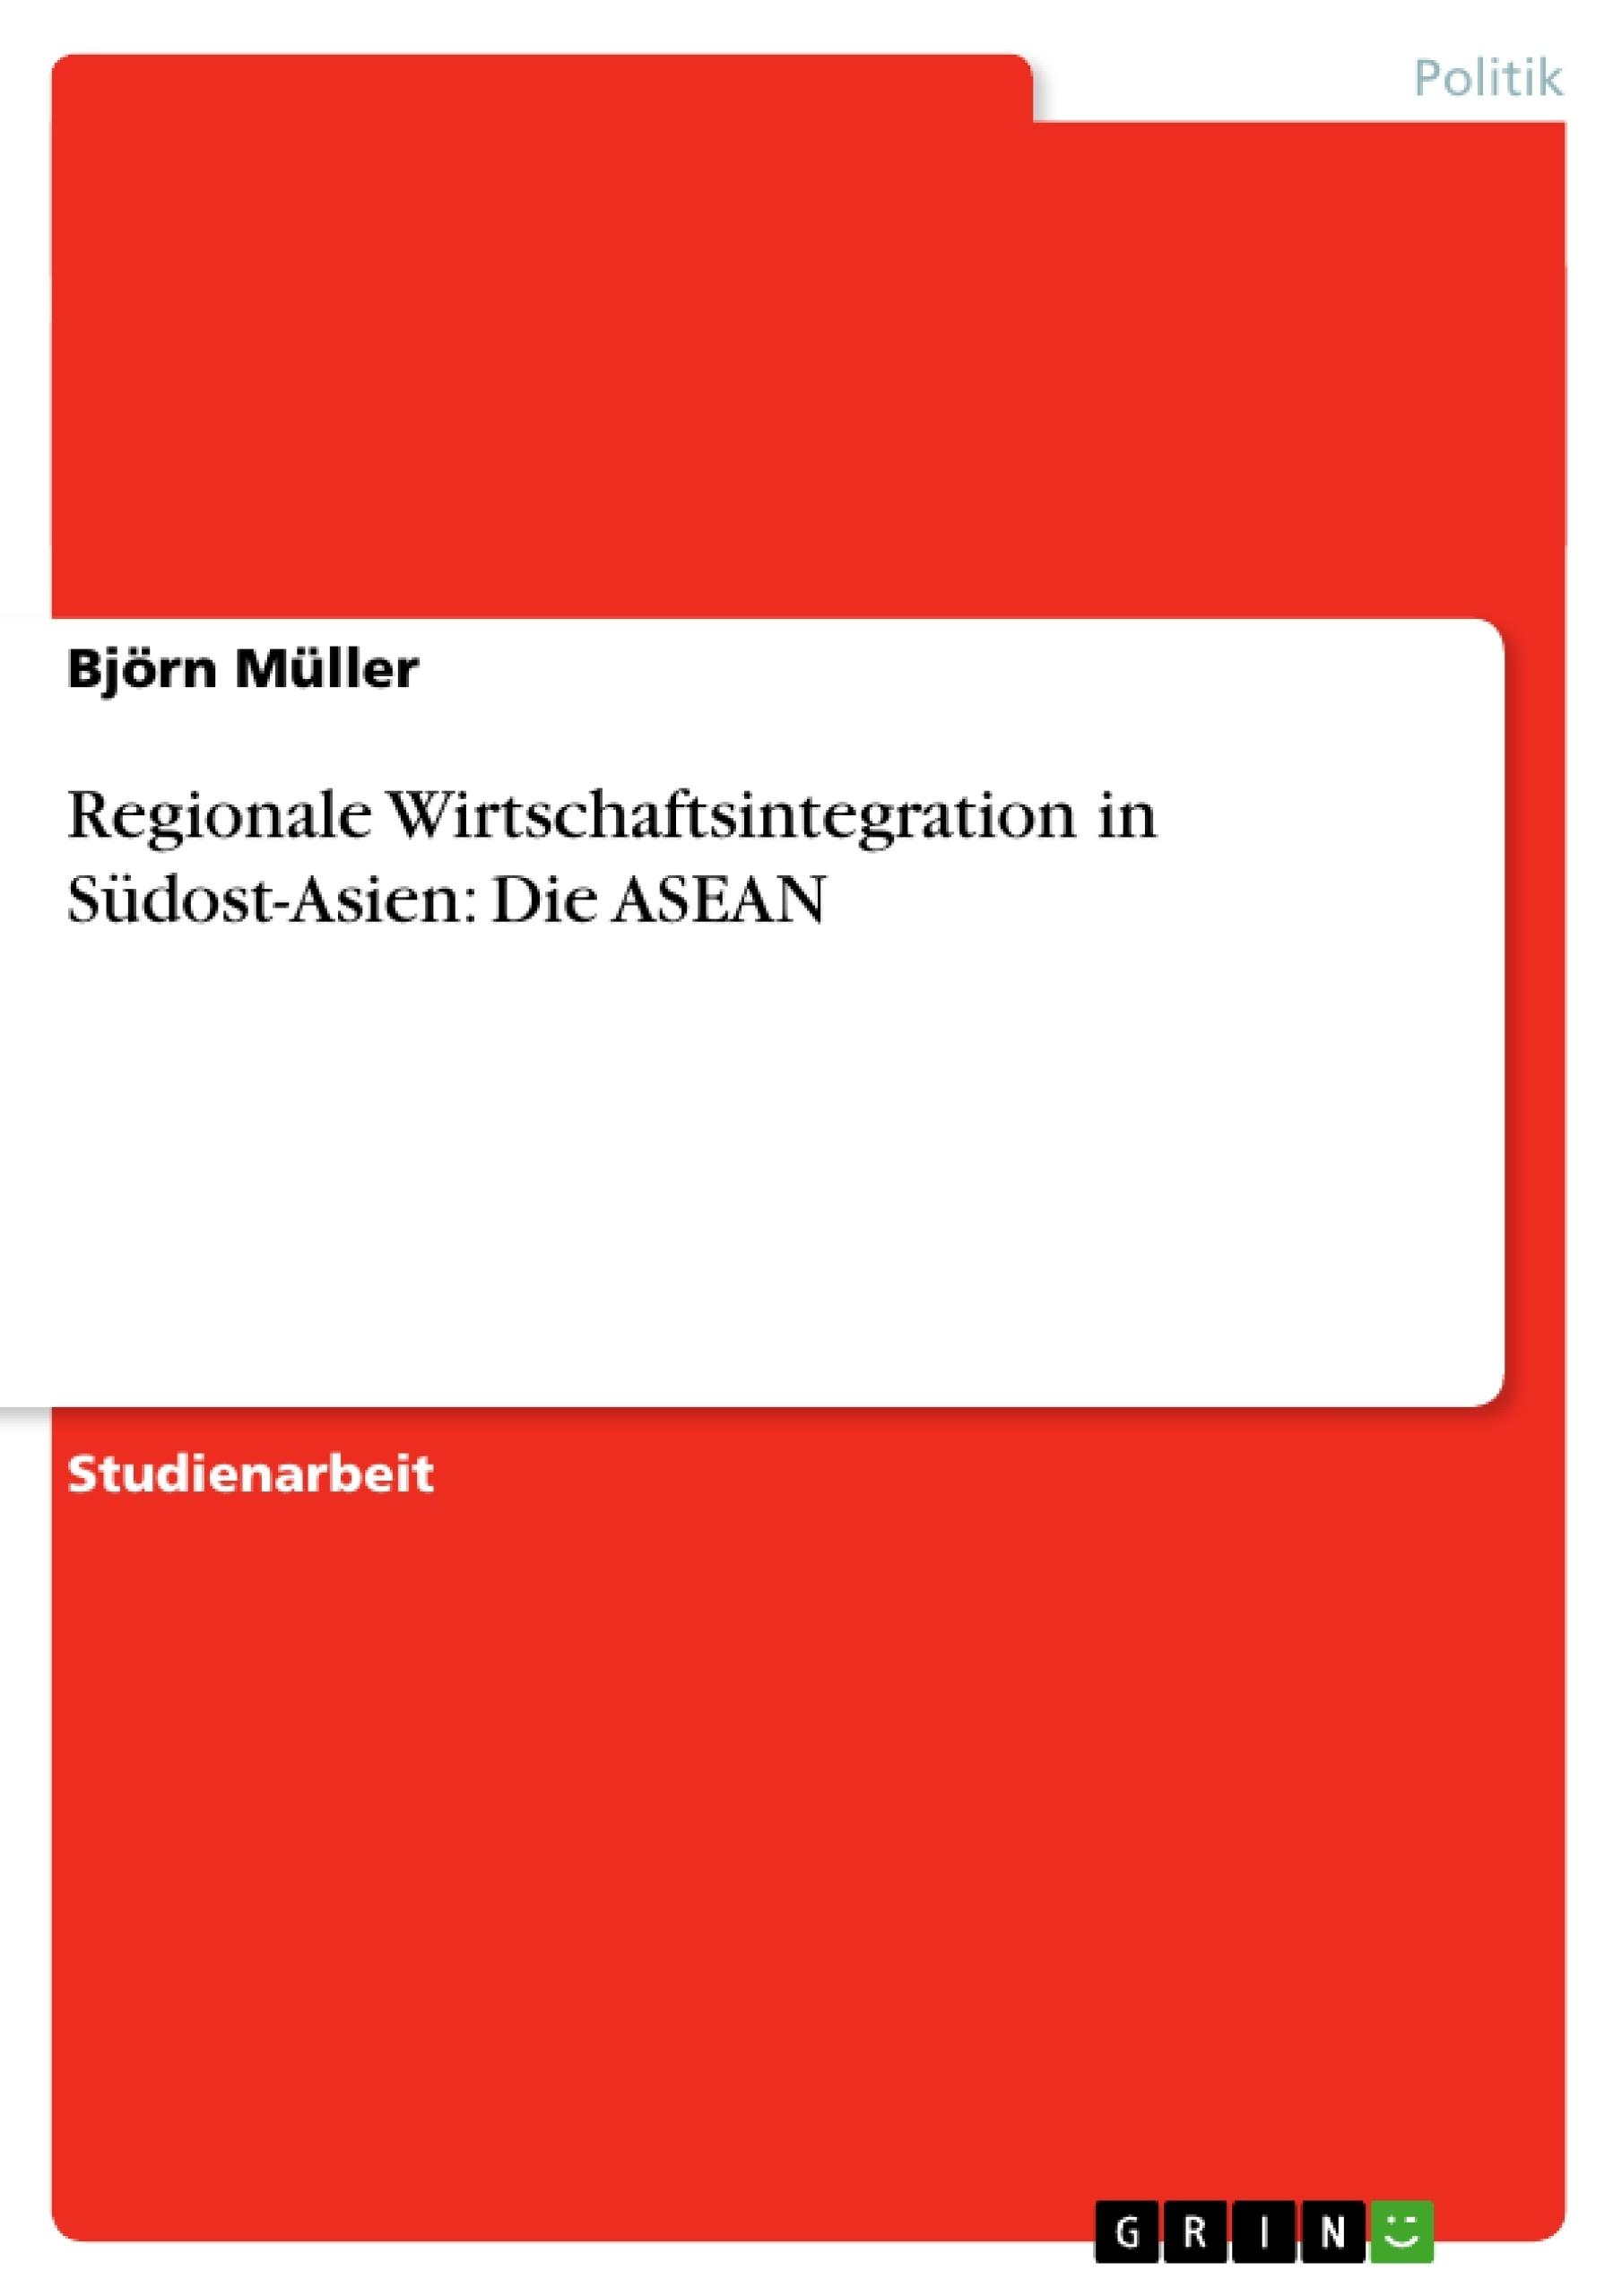 Titel: Regionale Wirtschaftsintegration in Südost-Asien: Die ASEAN